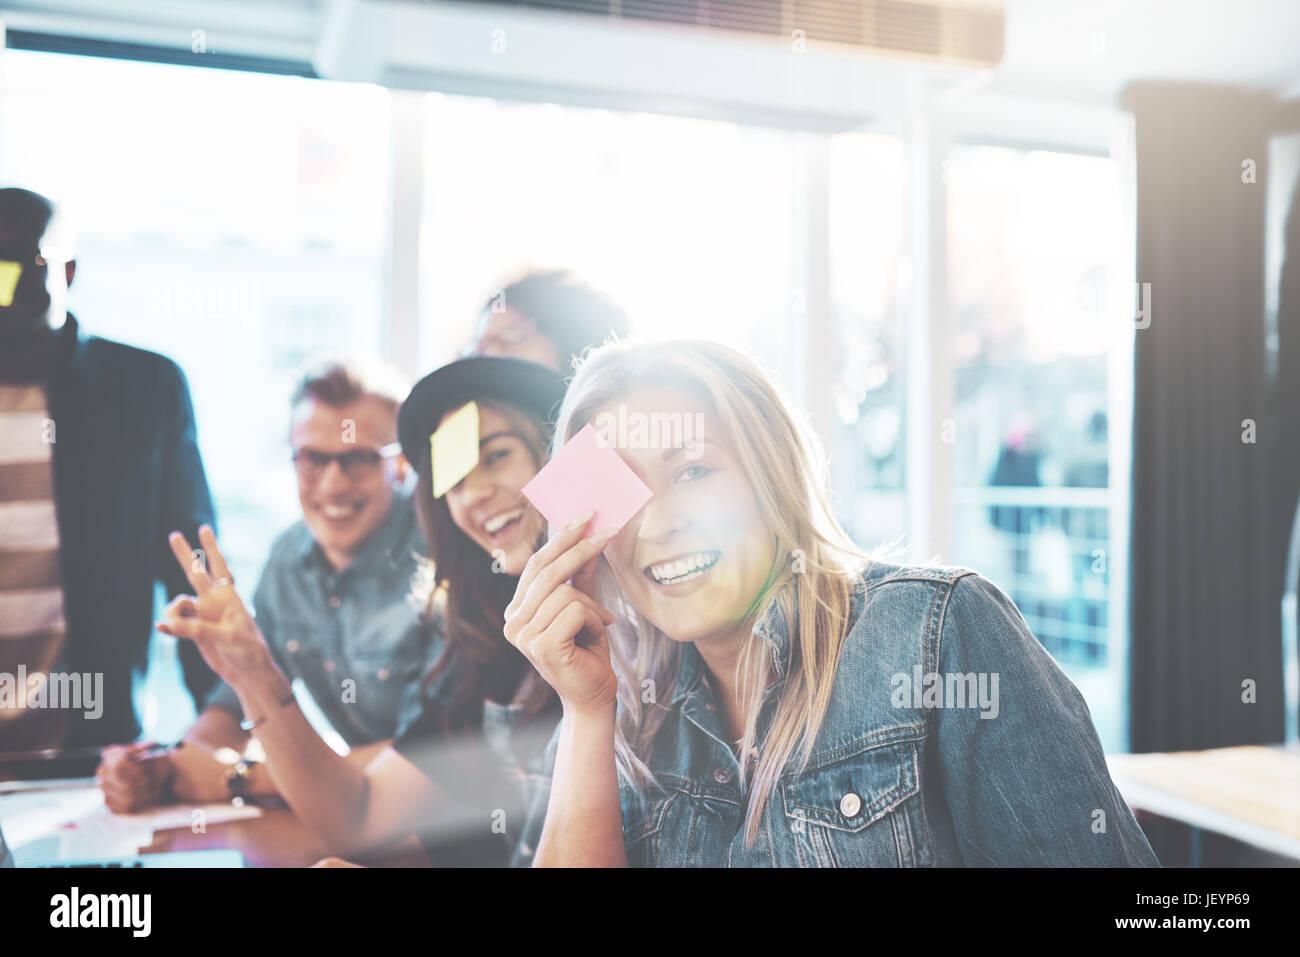 Donna che copre un occhio con una nota adesiva mentre seduto con i colleghi in ufficio con ampie finestre luminose Immagini Stock